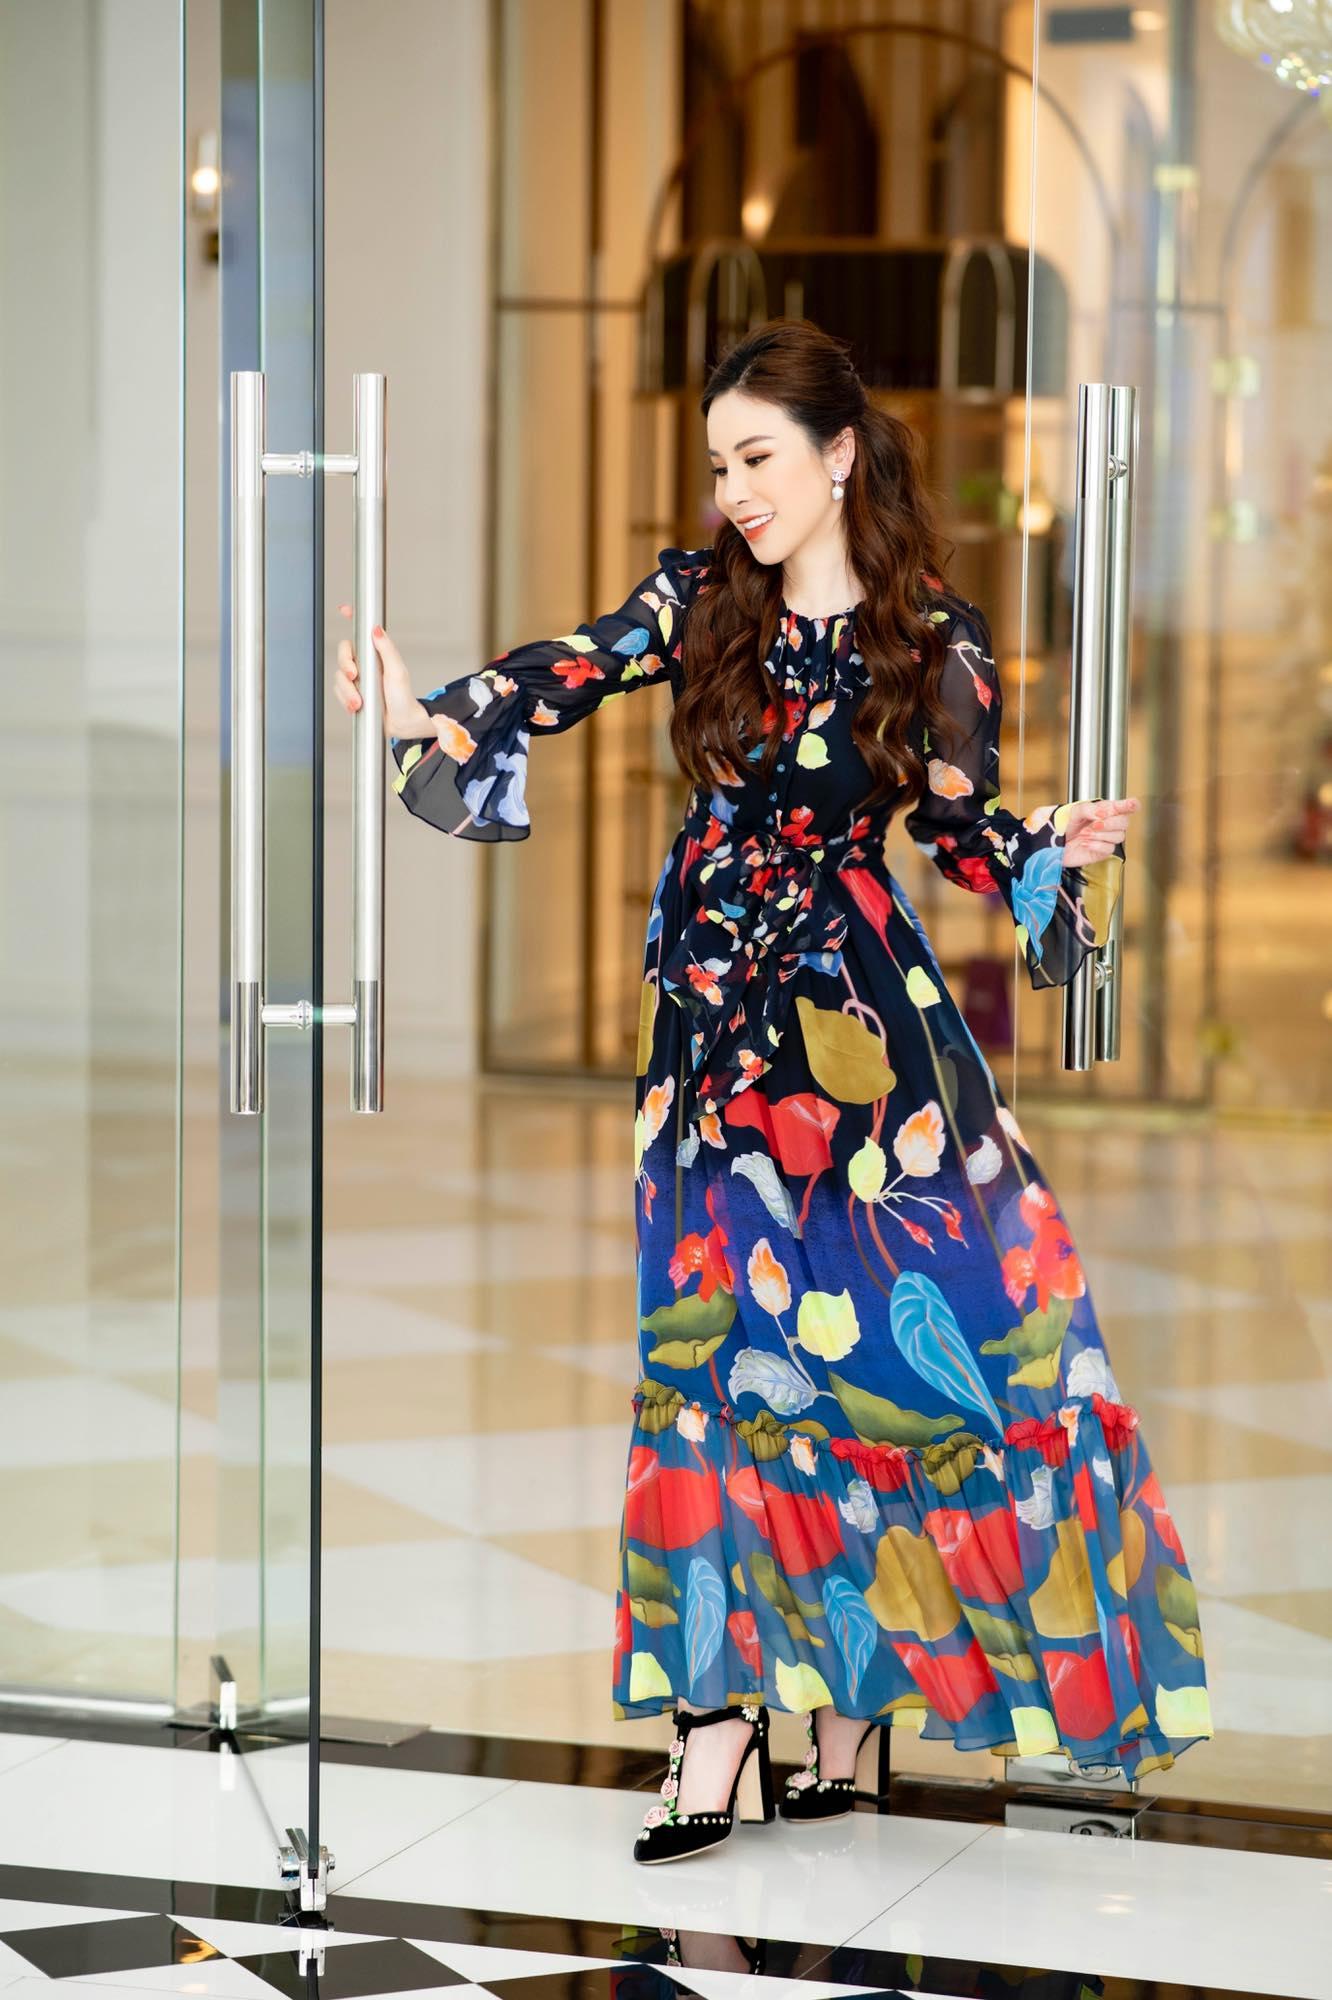 Hoa hậu Áo dài Hoàng Dung thử thách 100 ngày 100 Outfits hàng hiệu - Ảnh 9.